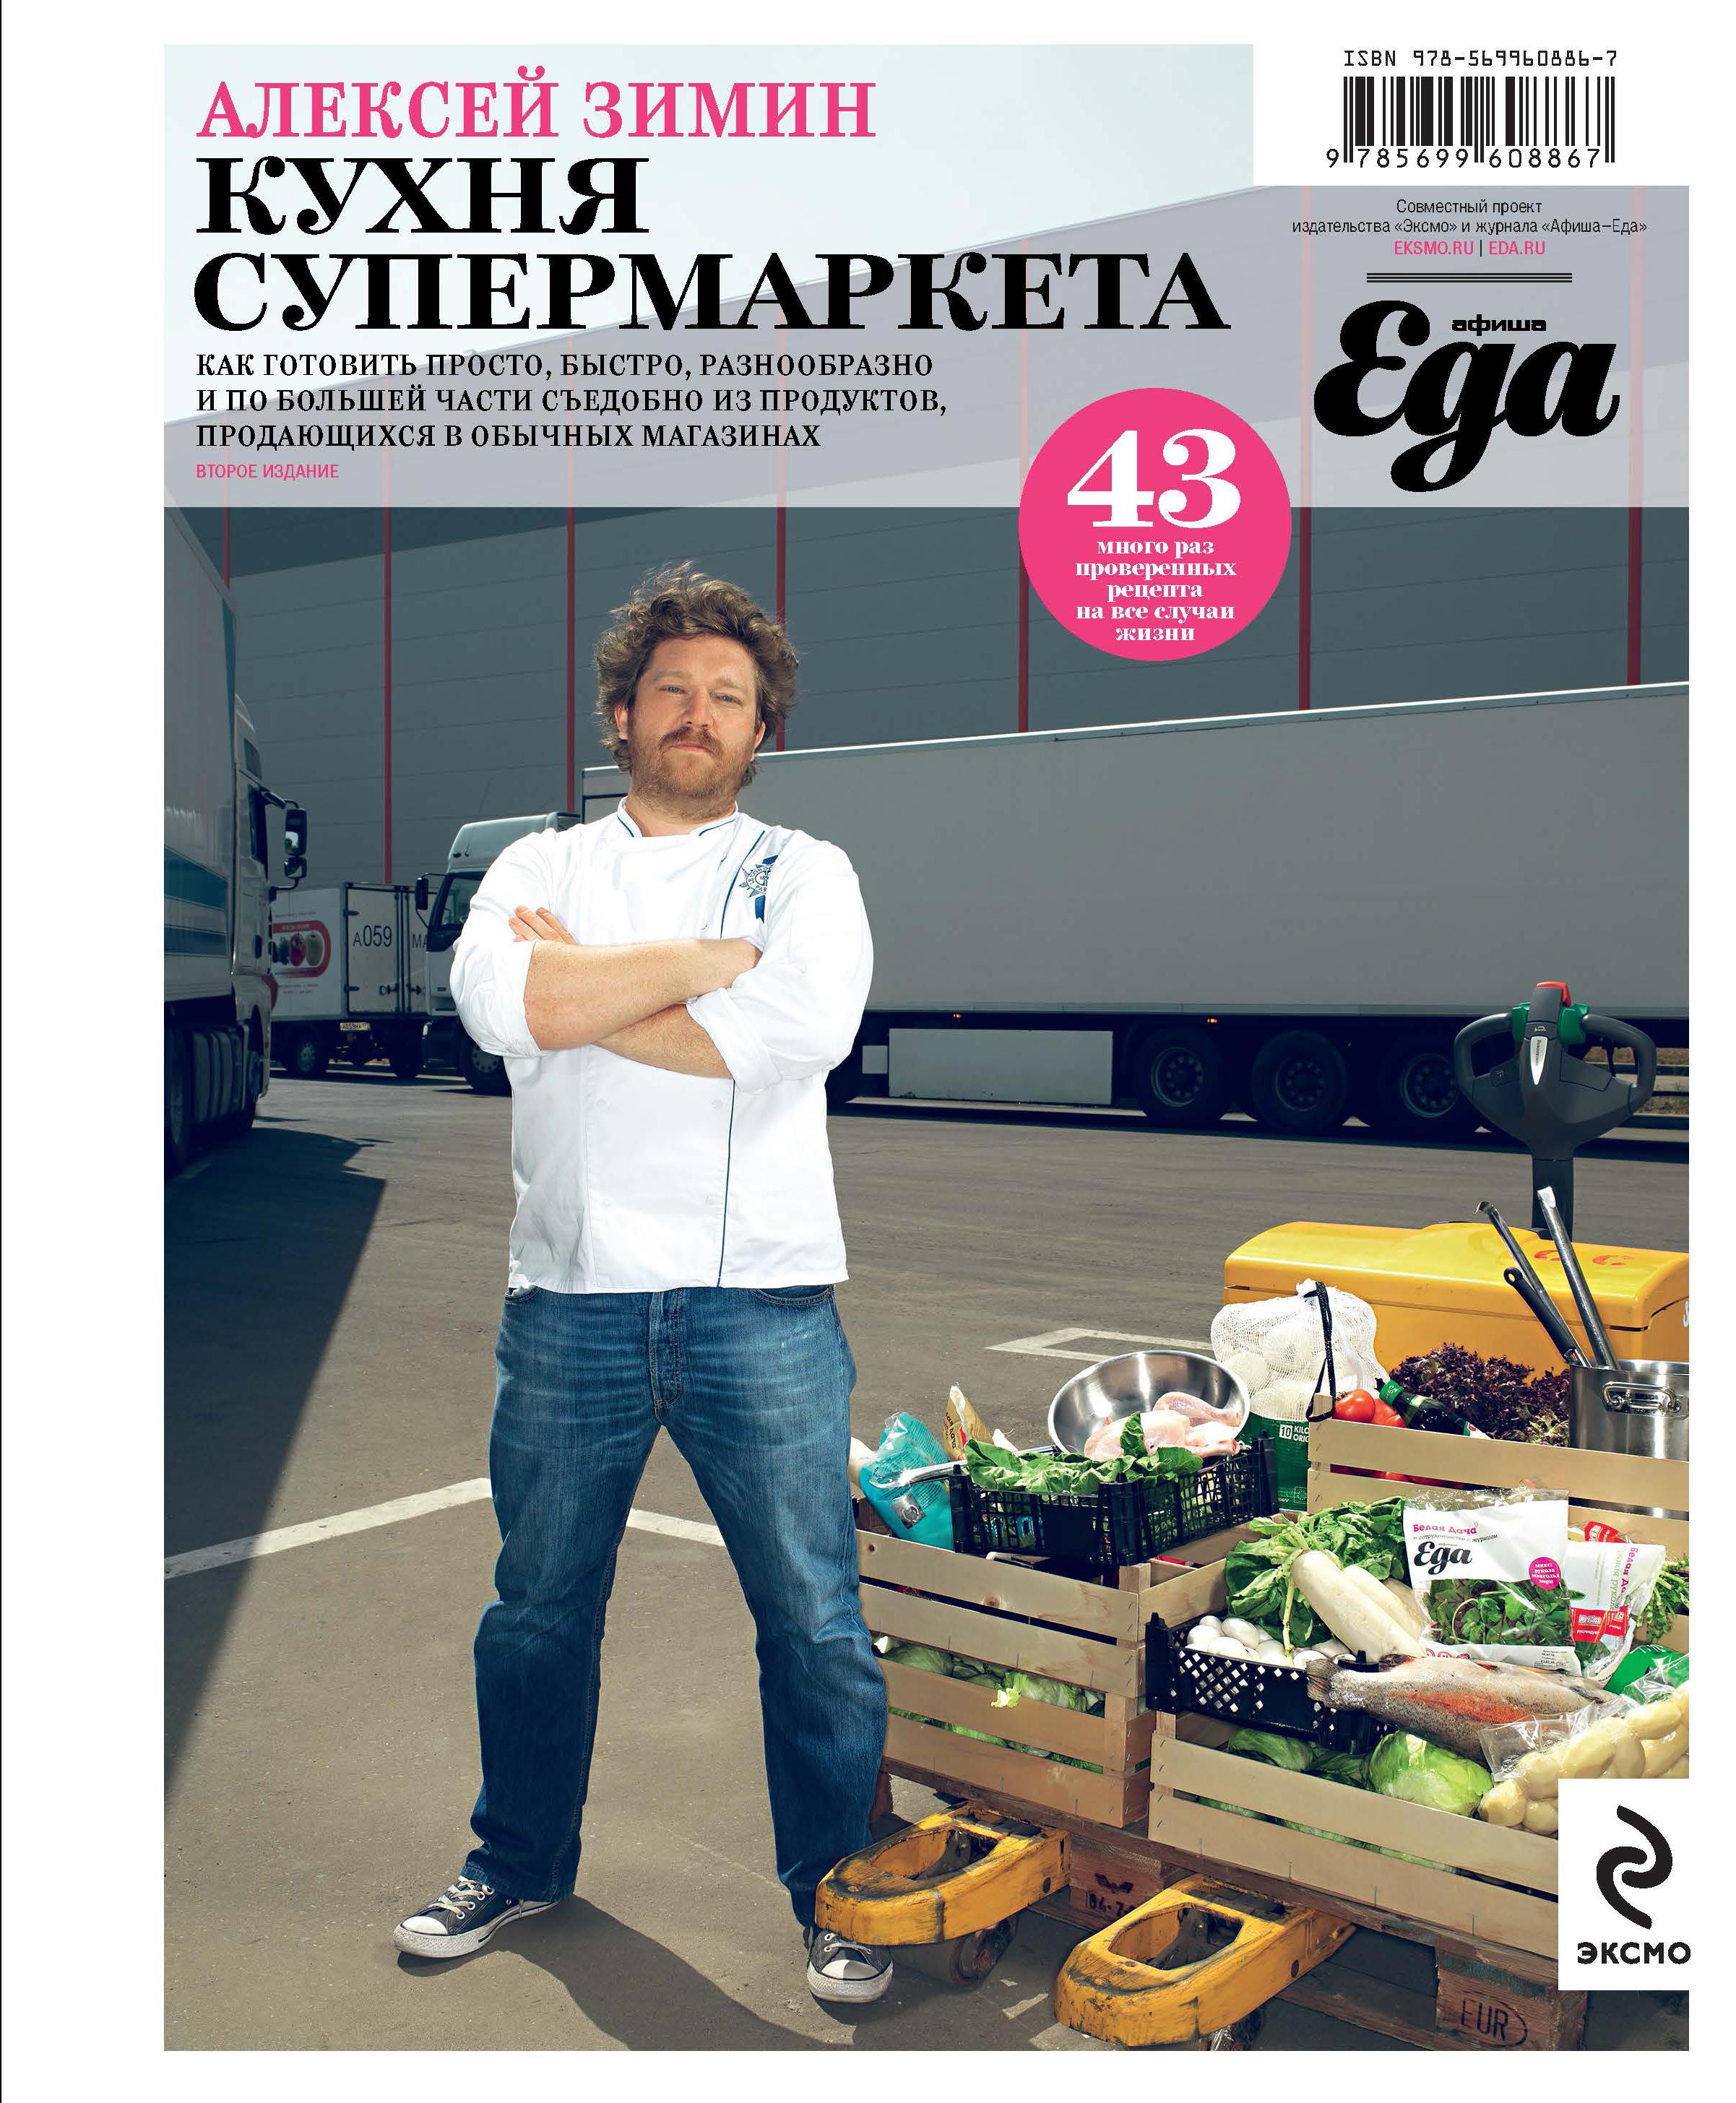 Кухня супермаркета. 2-е изд. ( Зимин А.А.  )